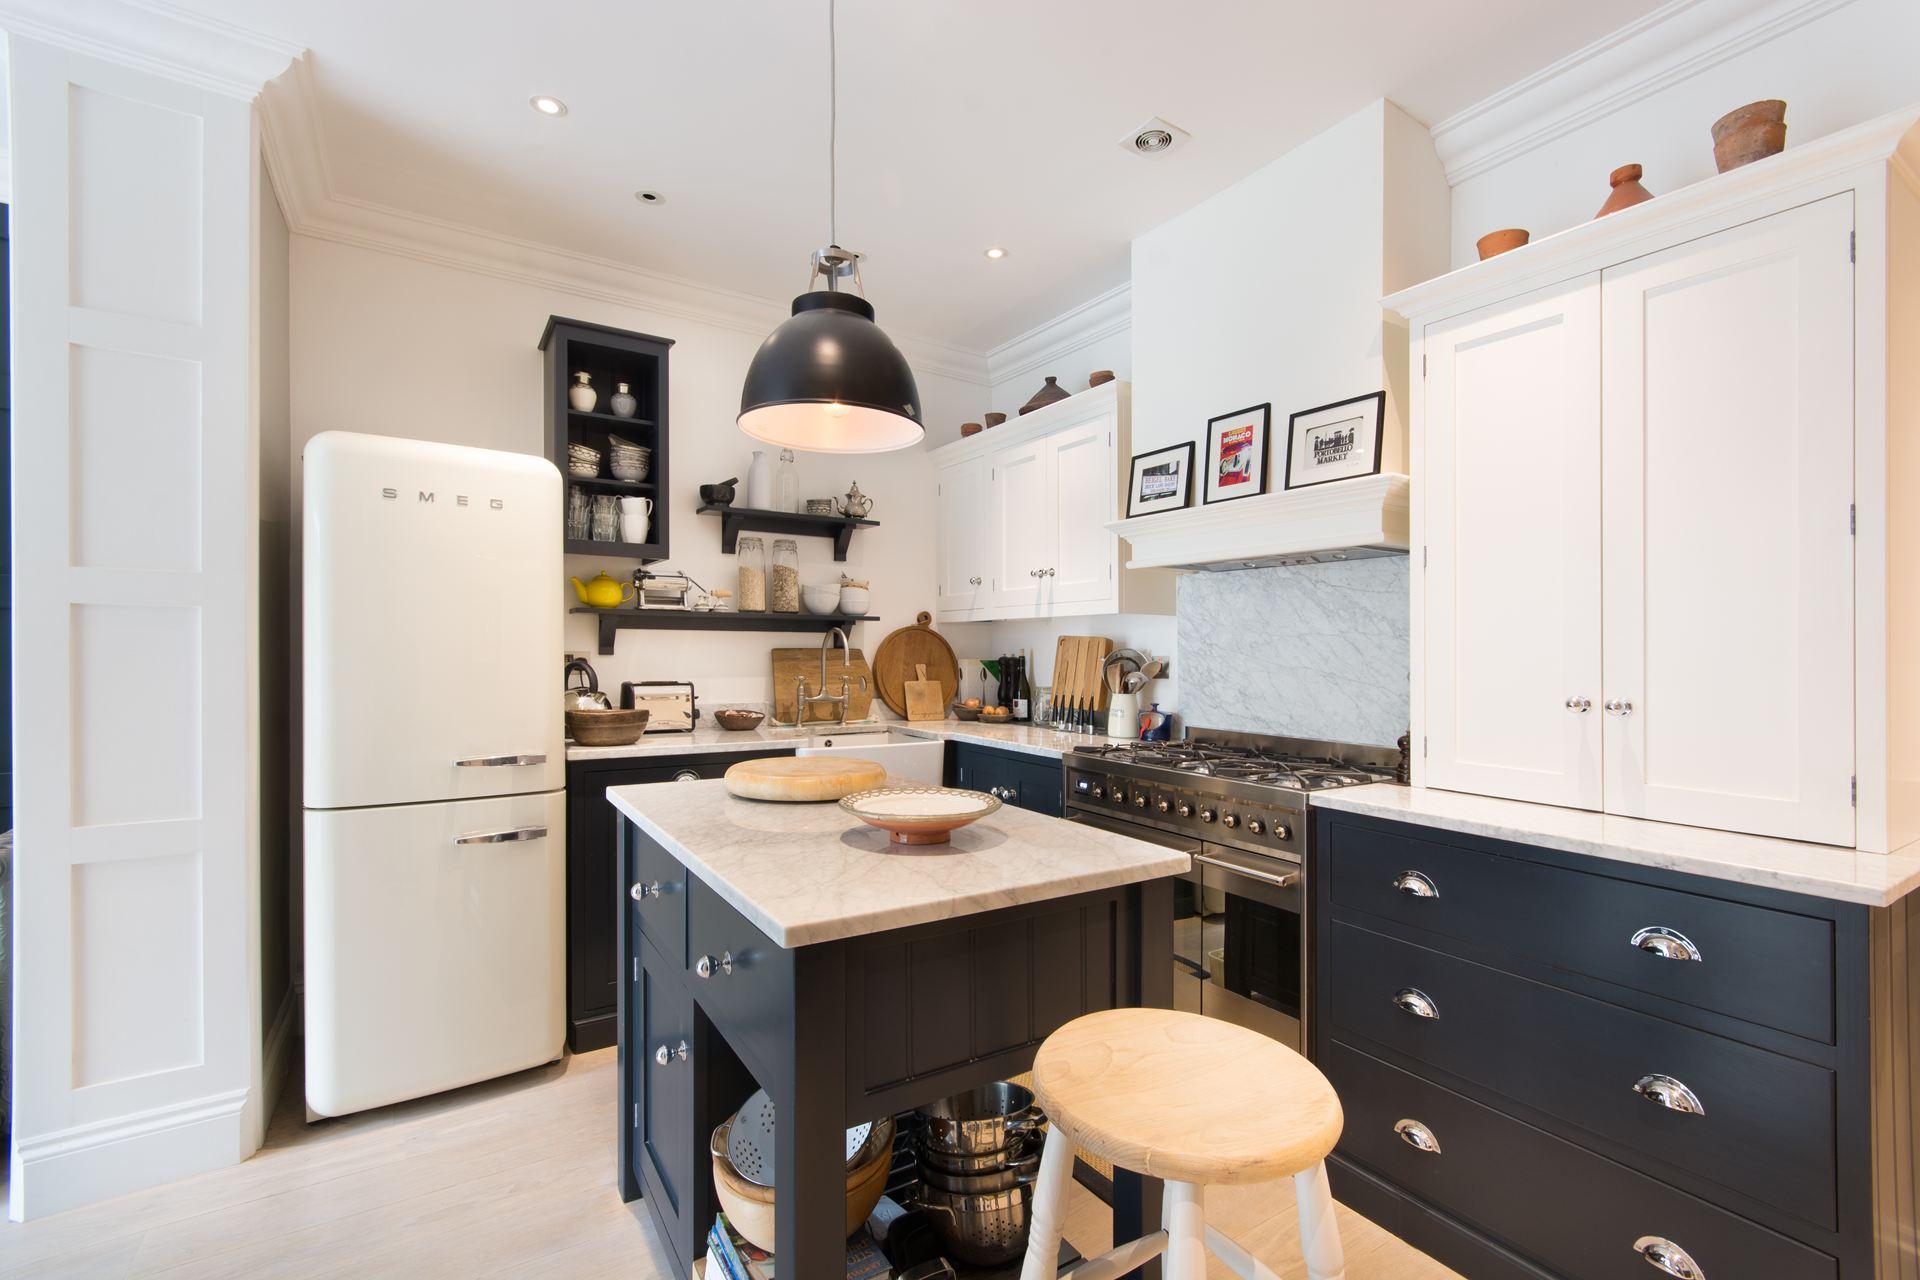 кухня кухонный остров плита вытяжка холодильник